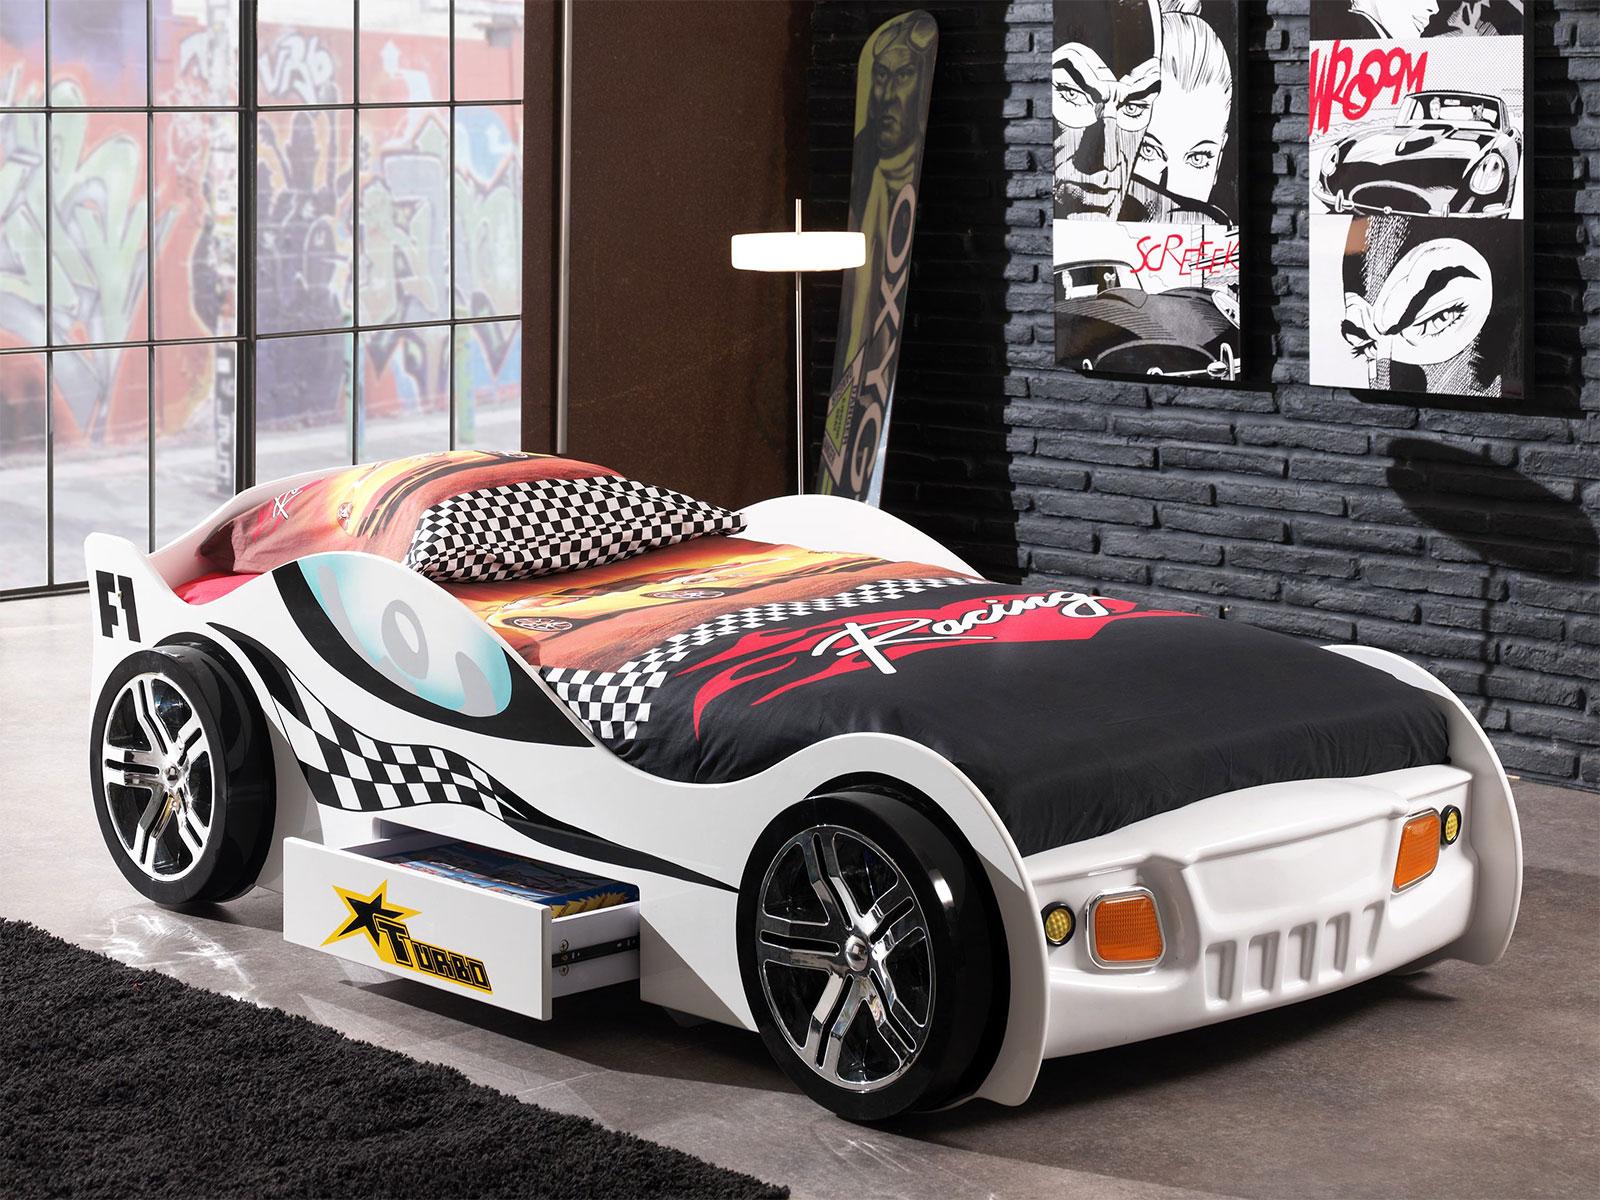 Etagenbett Autobett : Autobett kinderzimmer cat garage car weiß schwarz kaufen bei